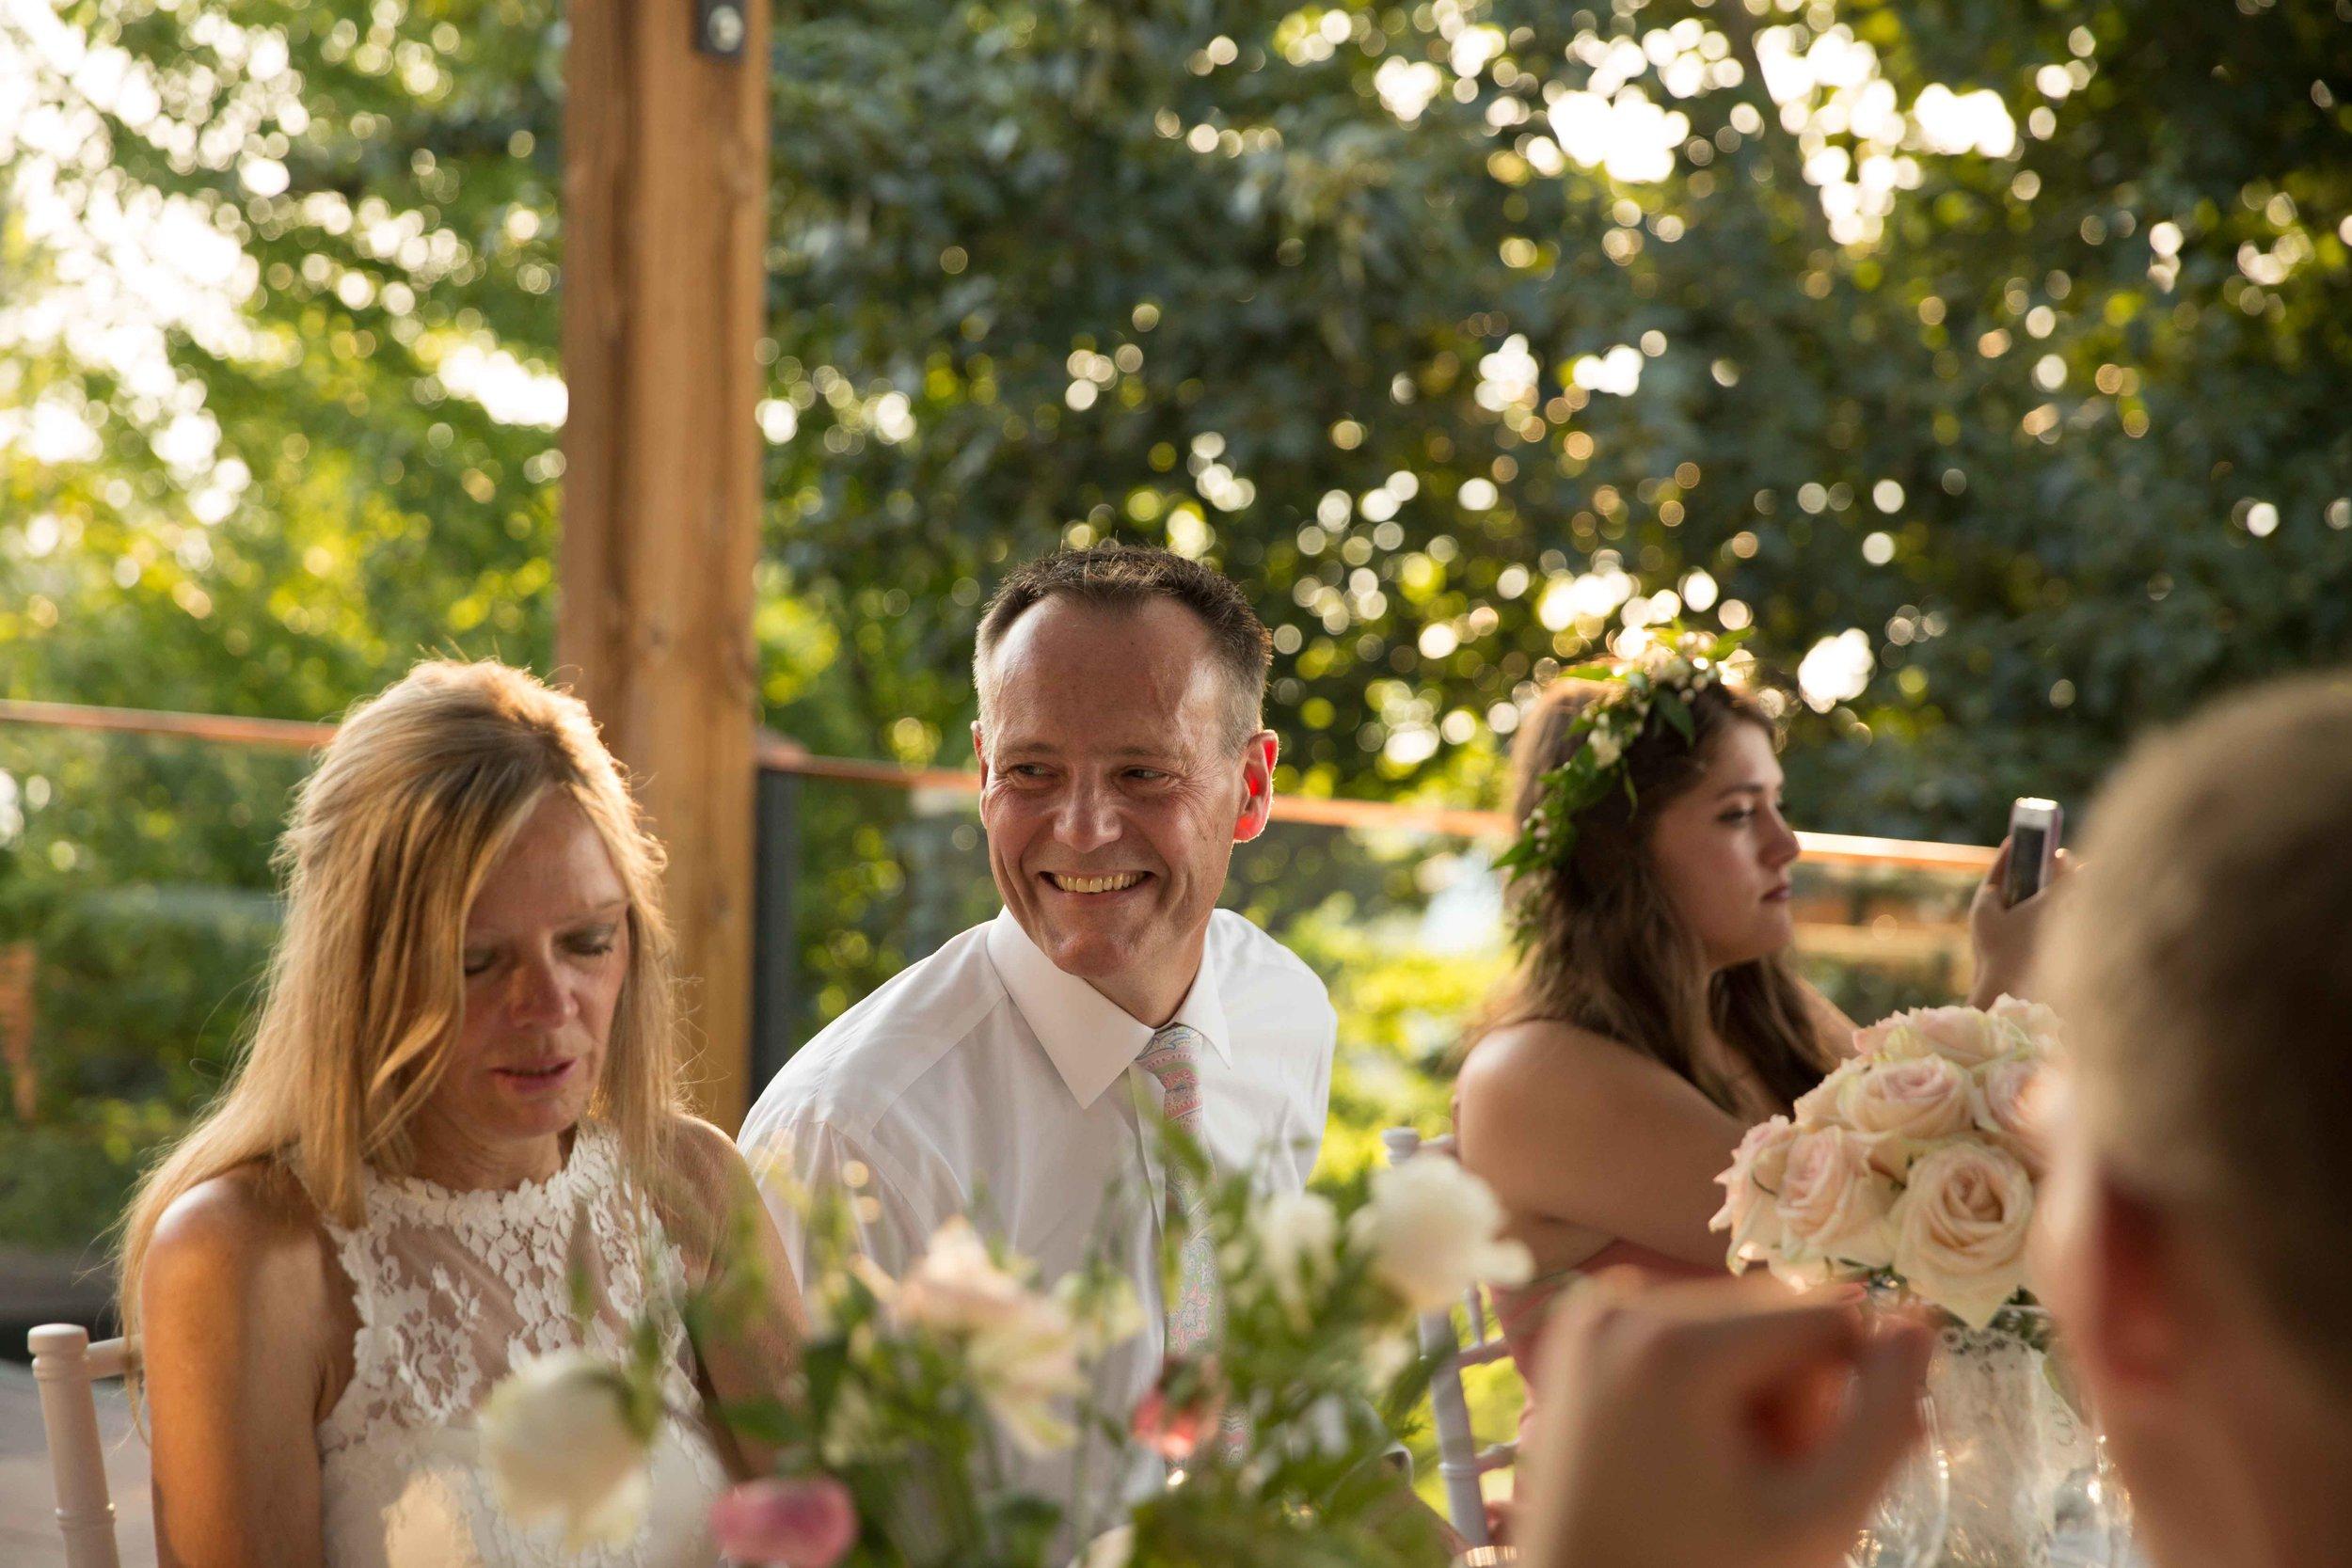 Groom smile at bride